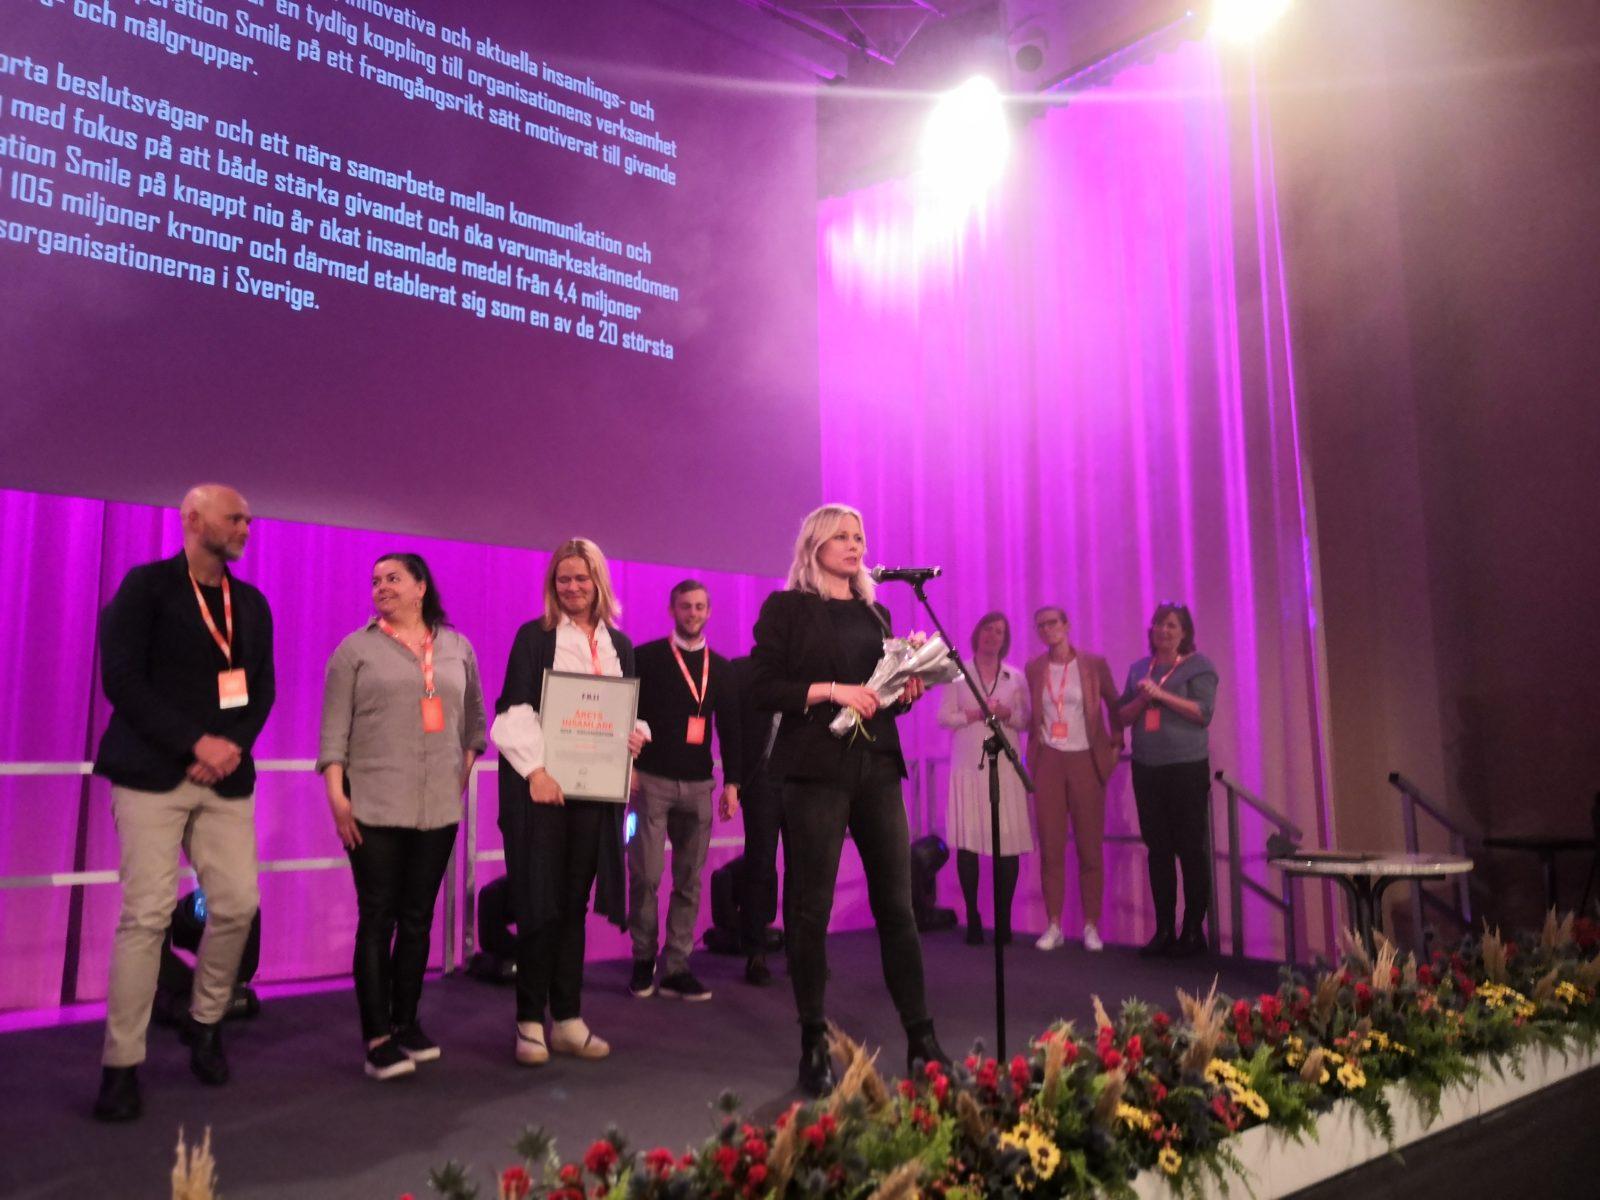 Operation Smile - vinnare årets Insamlare 2018 - Organisation